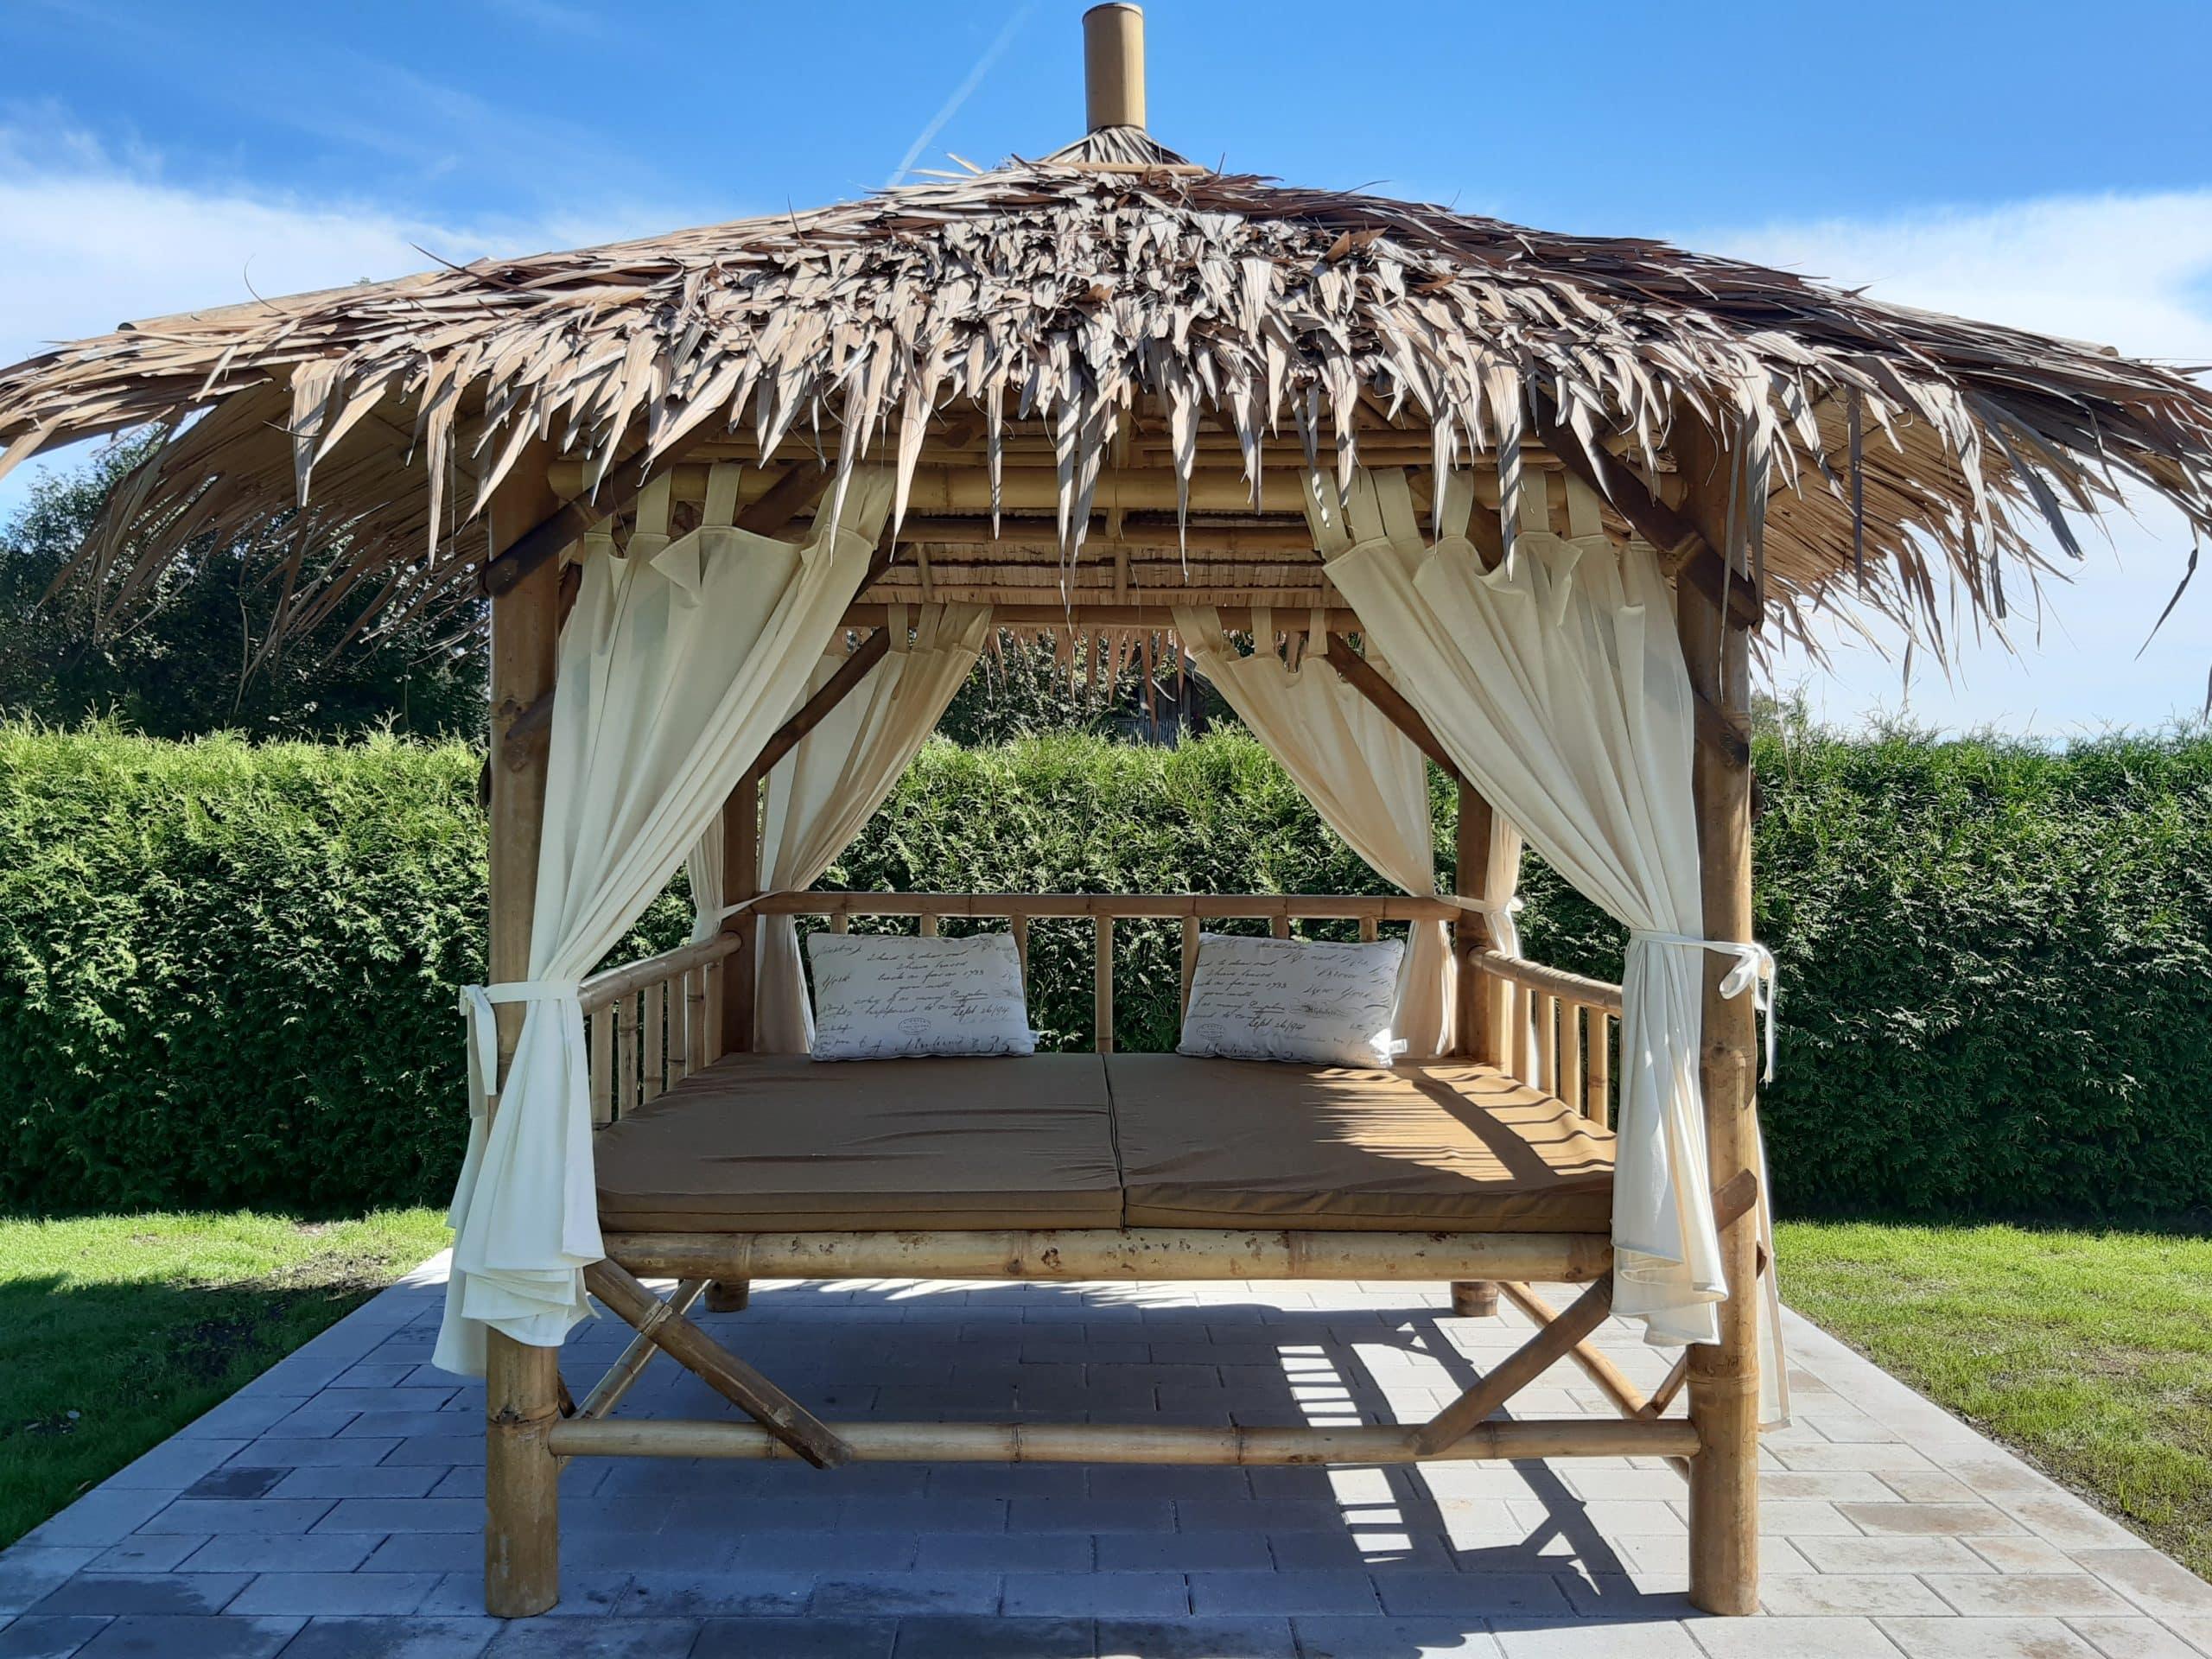 Urban Bambus Exotische Bambus Gartenmöbel aus Südostasien – Pavillons, Daybeds, Liegen, Bars und mehr